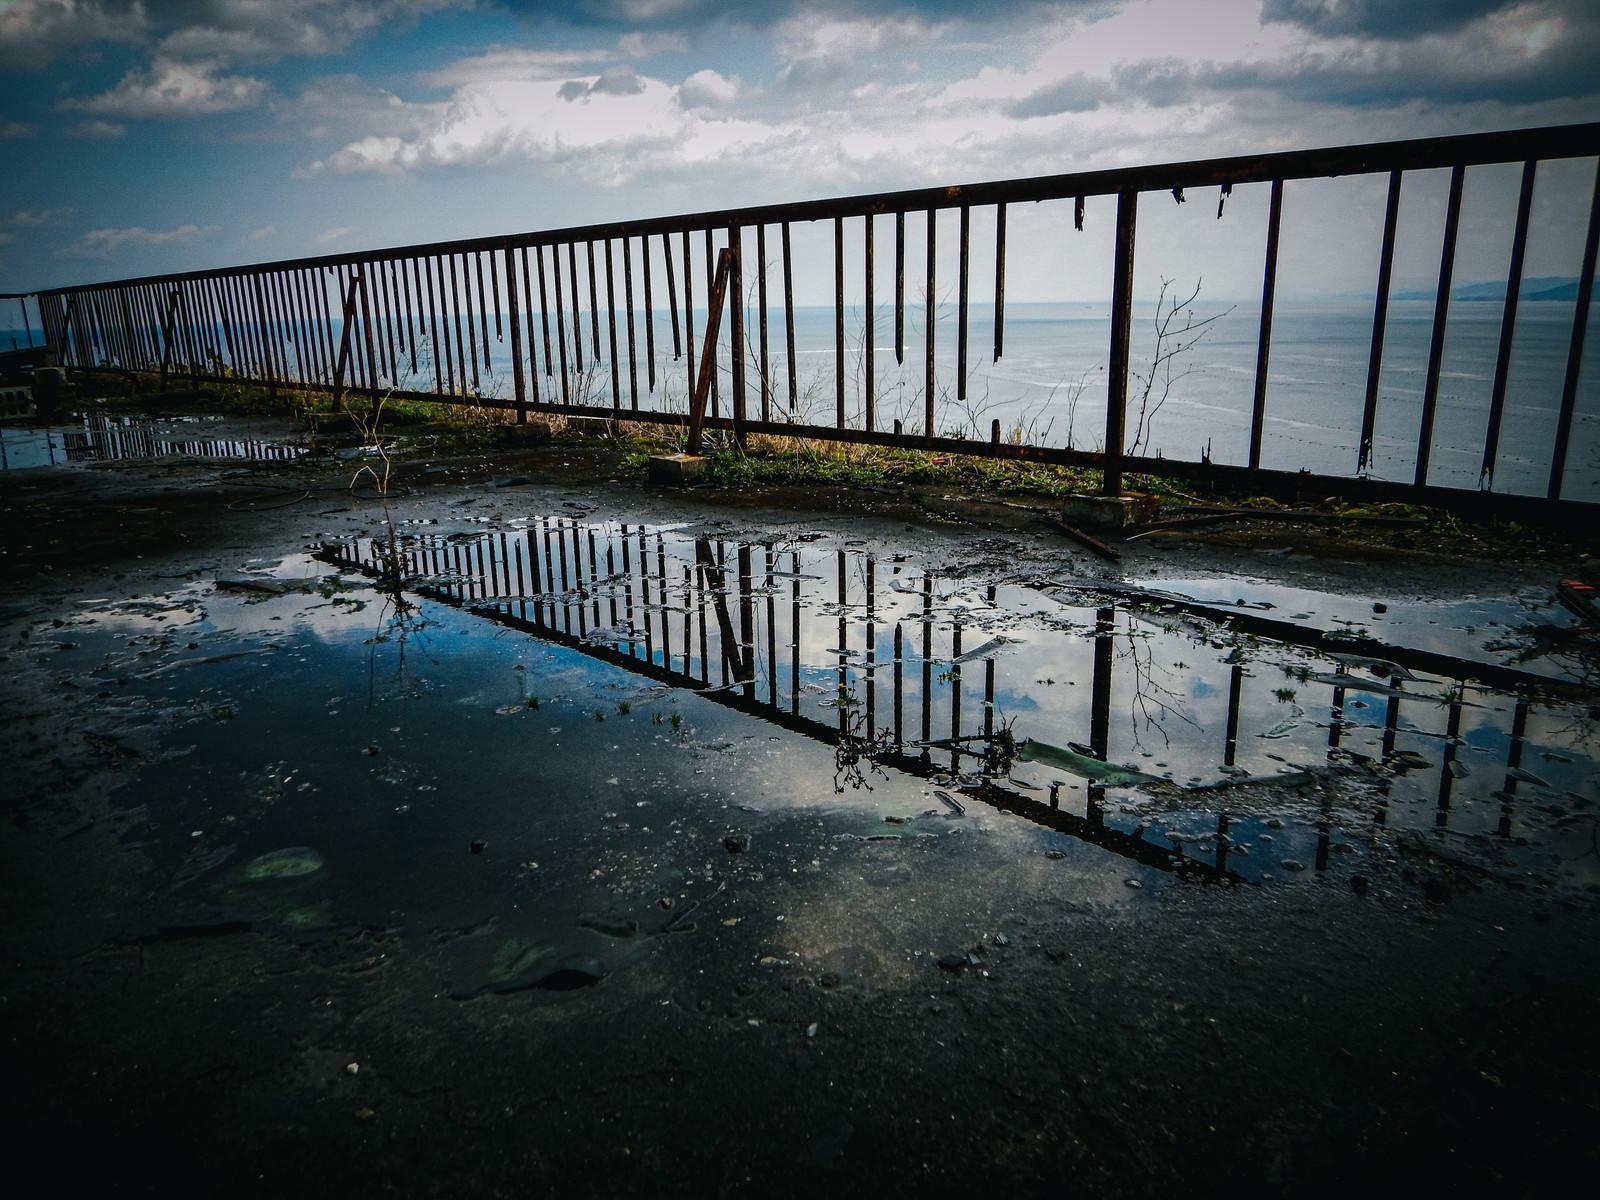 「水たまりに写り込んだ空と壊れた柵」の写真